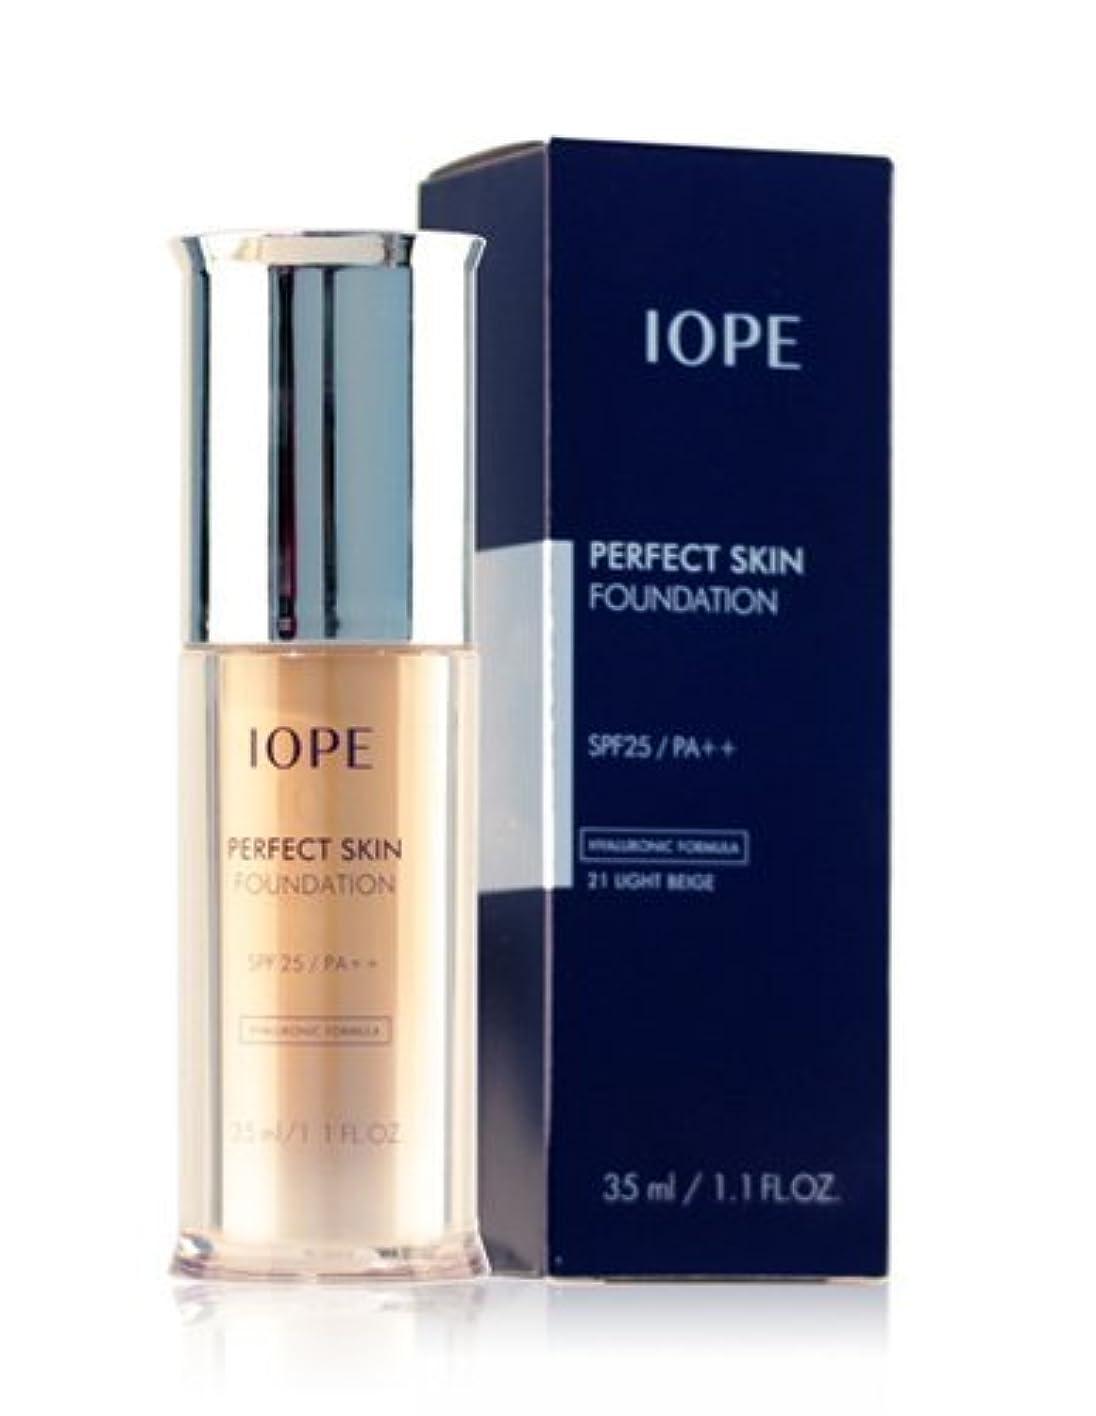 幸運な寛解広範囲にAmore Pacific IOPE Perfect Skin Foundation (spf 25, pa++) no.21 light beige 35ml